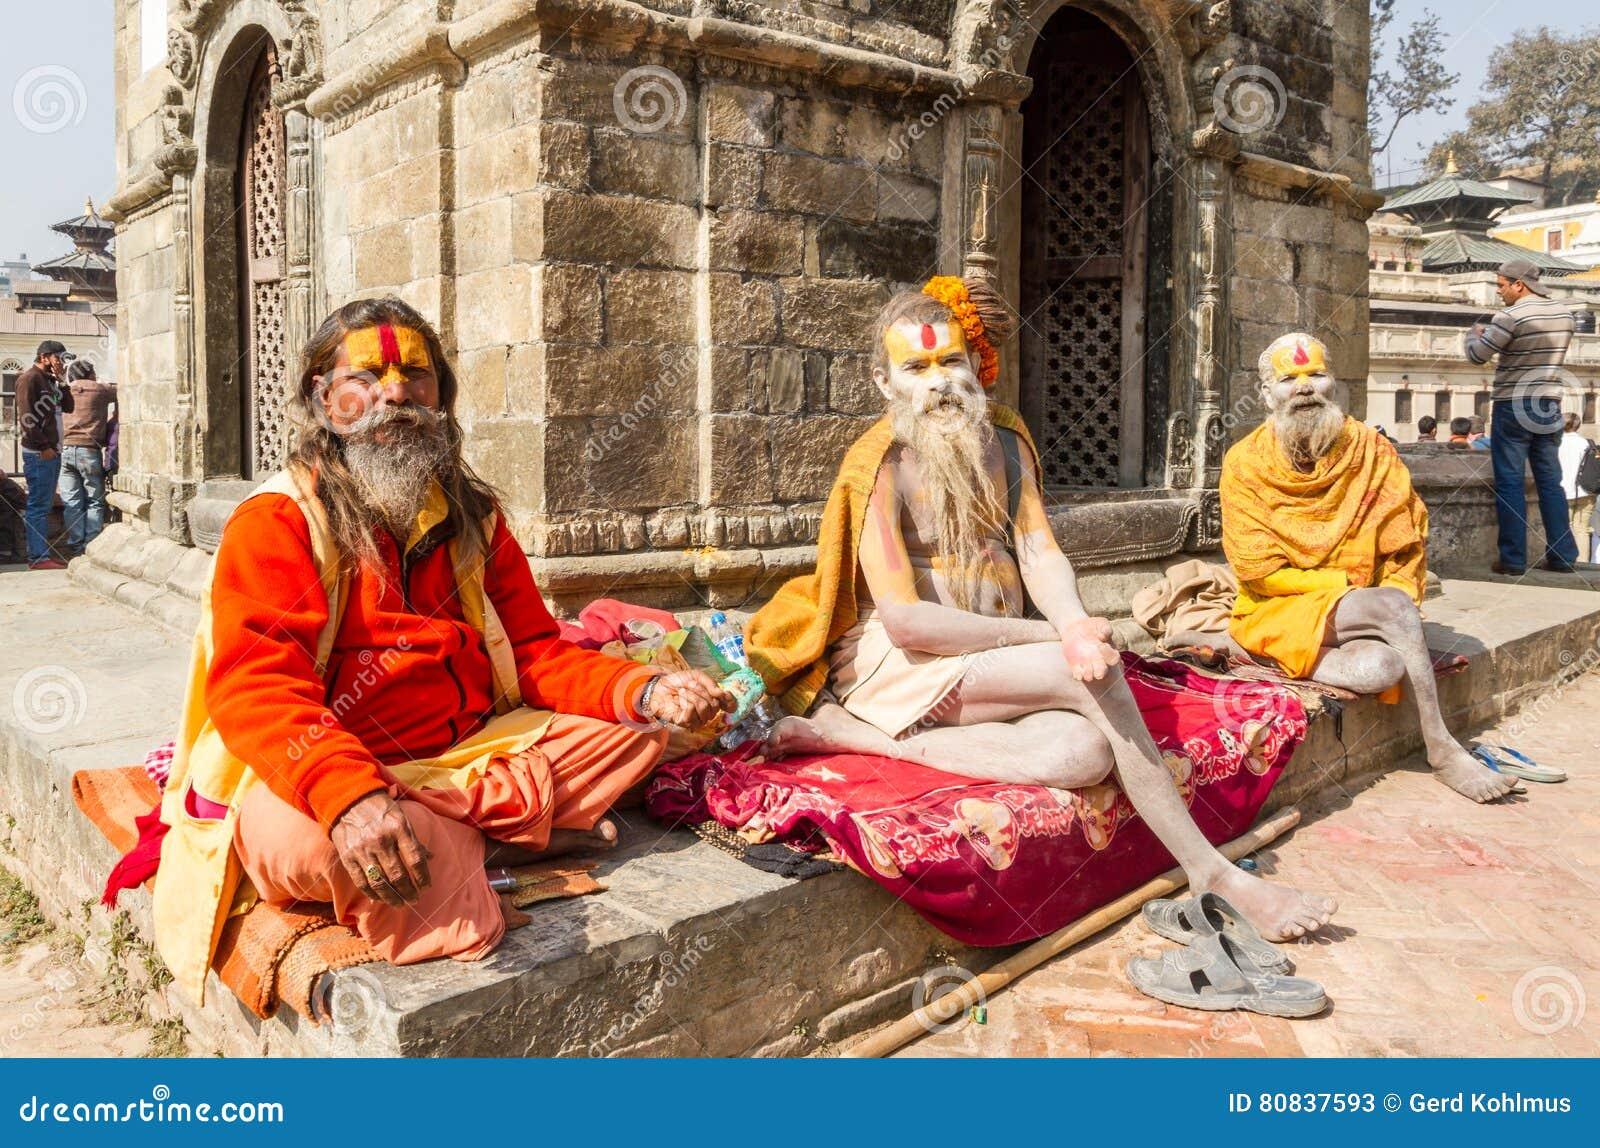 Sadhus at Pashupatinath temple